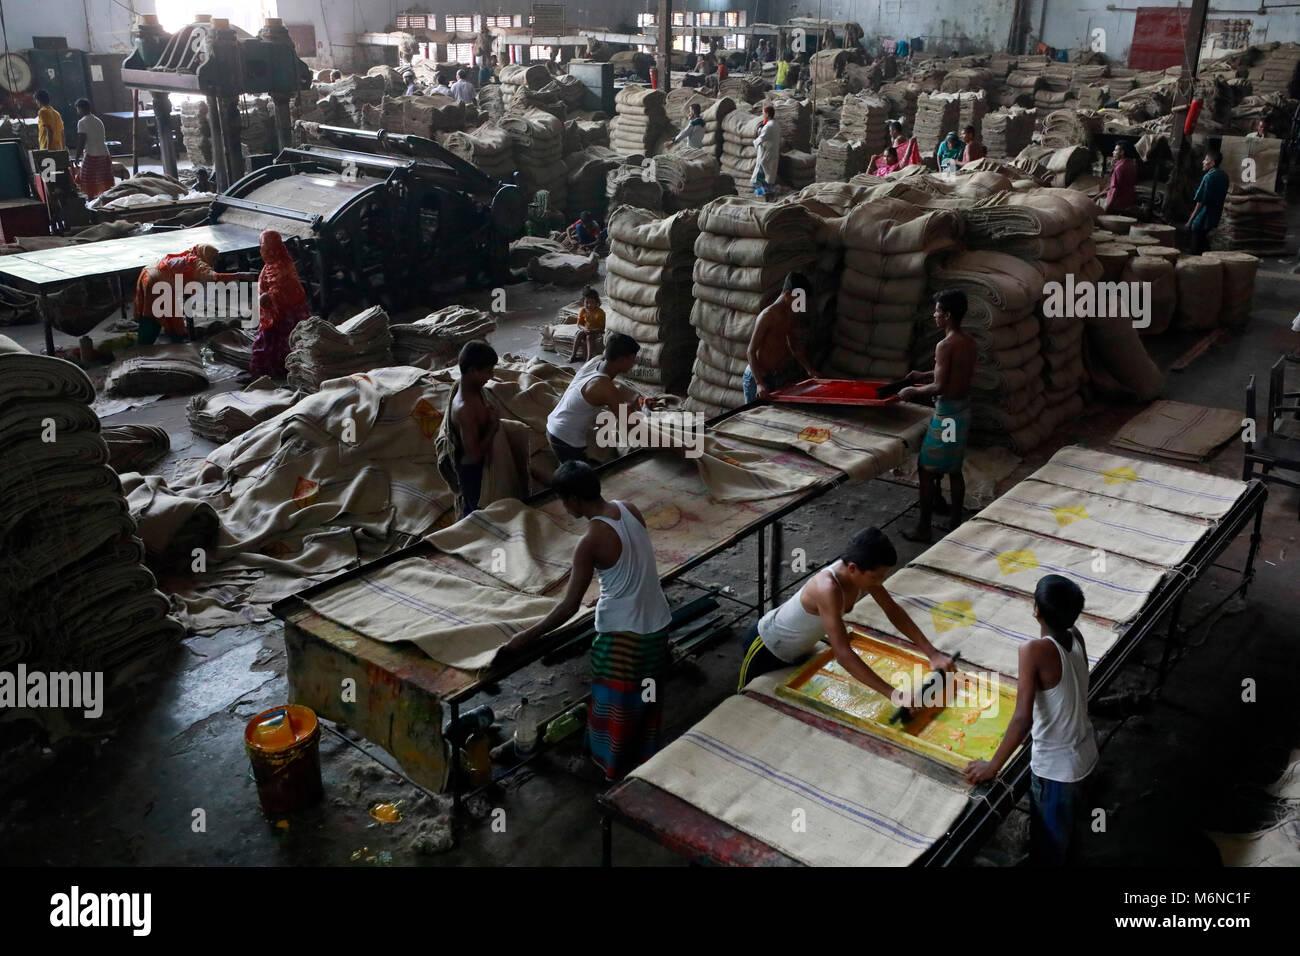 4ca3737de El 5 de febrero de 2018, trabajadores de la costura las bolsas de yute en  una fábrica en las afueras de la ciudad de Dhaka. Los exportadores de  productos de ...